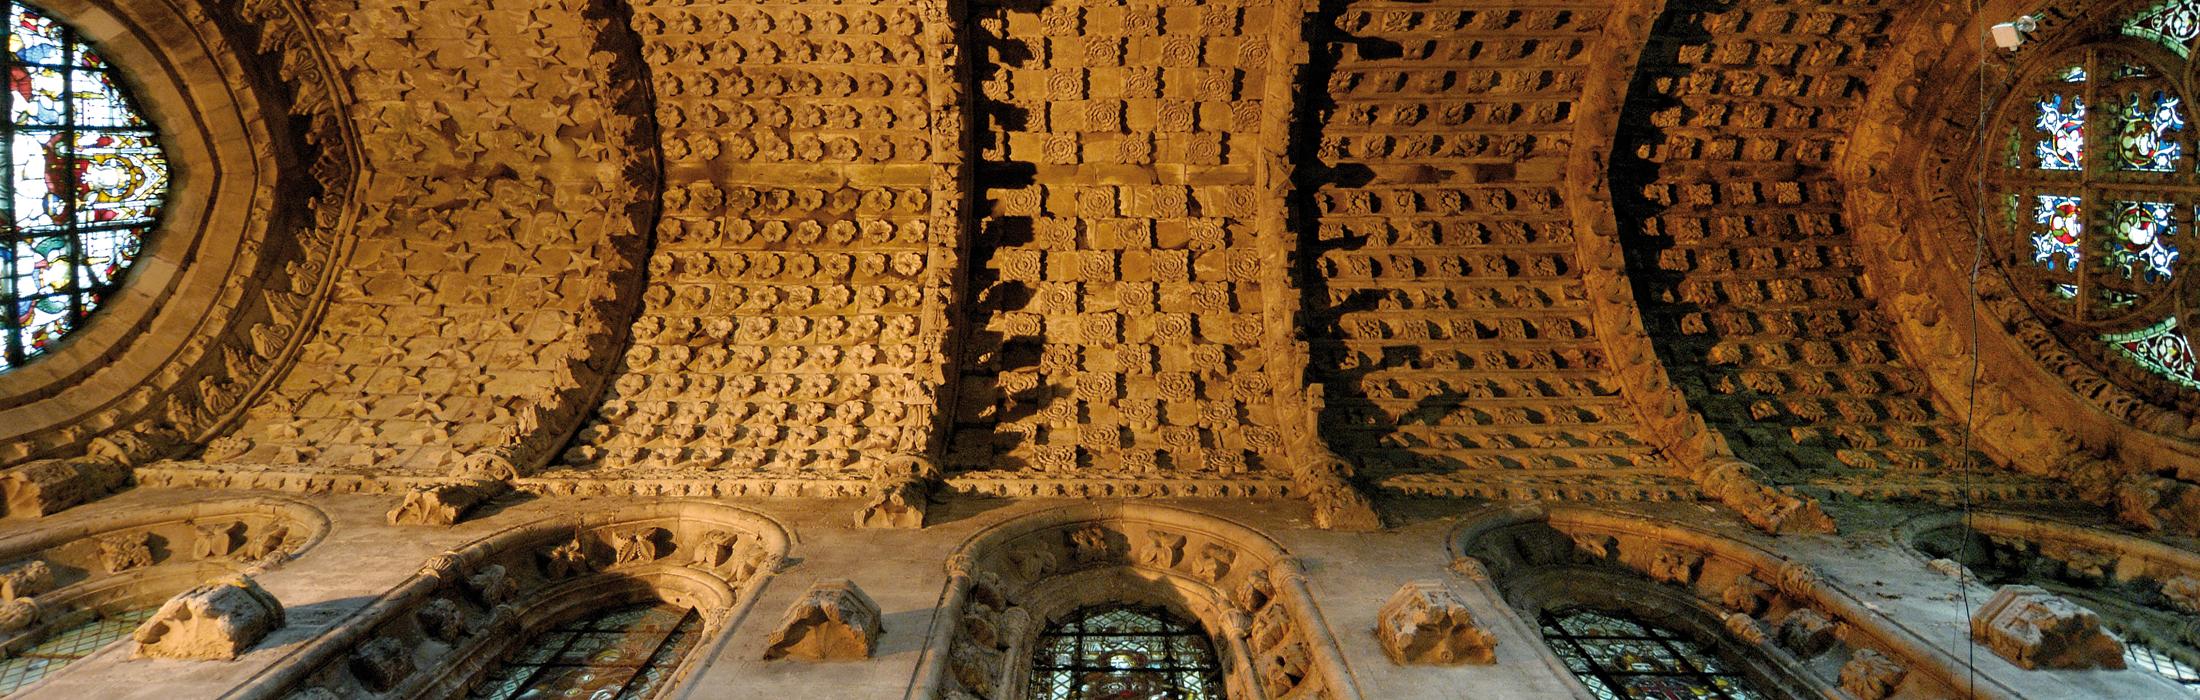 Il soffitto della Rosslyn Chapel in Scozia, intensamente ornato con serie di cubi che recano incise forme geometriche intricate e complesse.